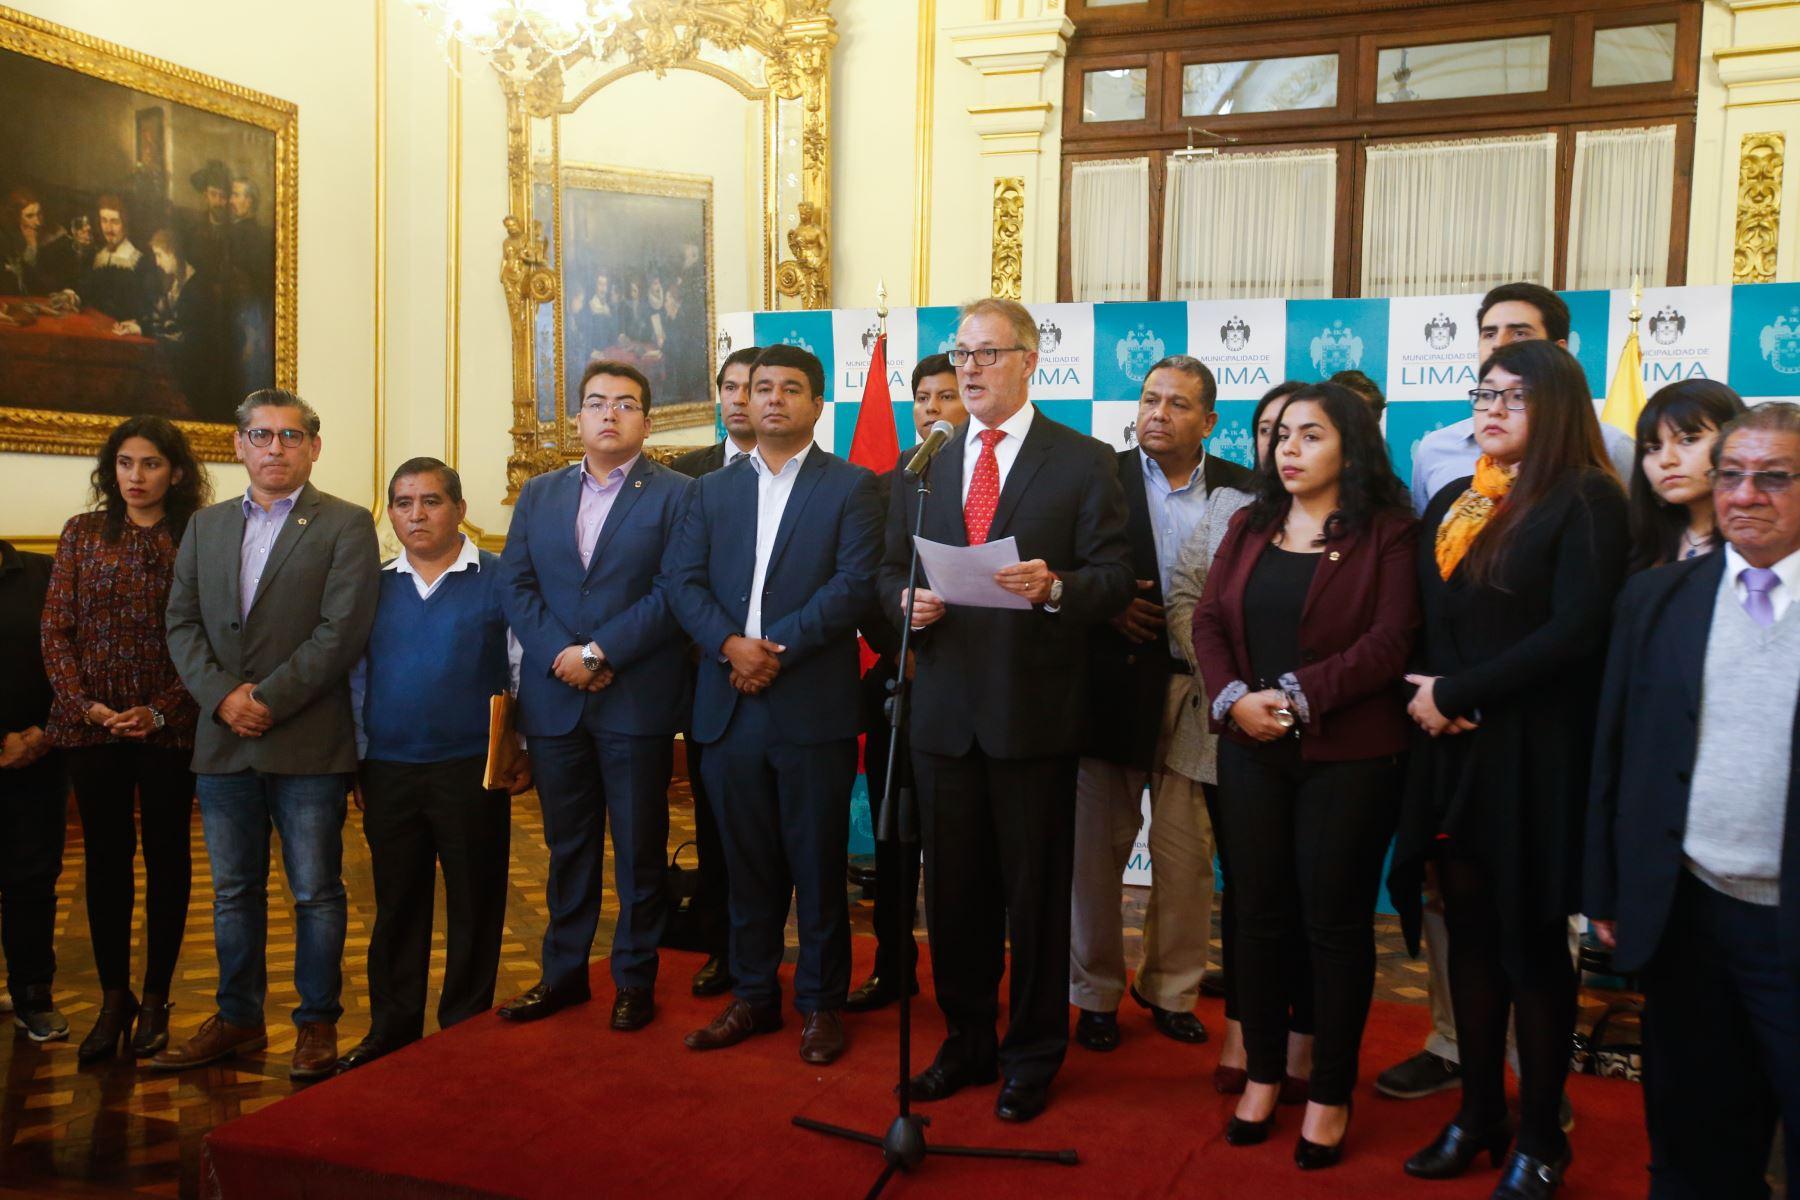 Muñoz ofreció una declaración de prensa al finalizar sesión de concejo. Foto: ANDINA/Héctor Vinces